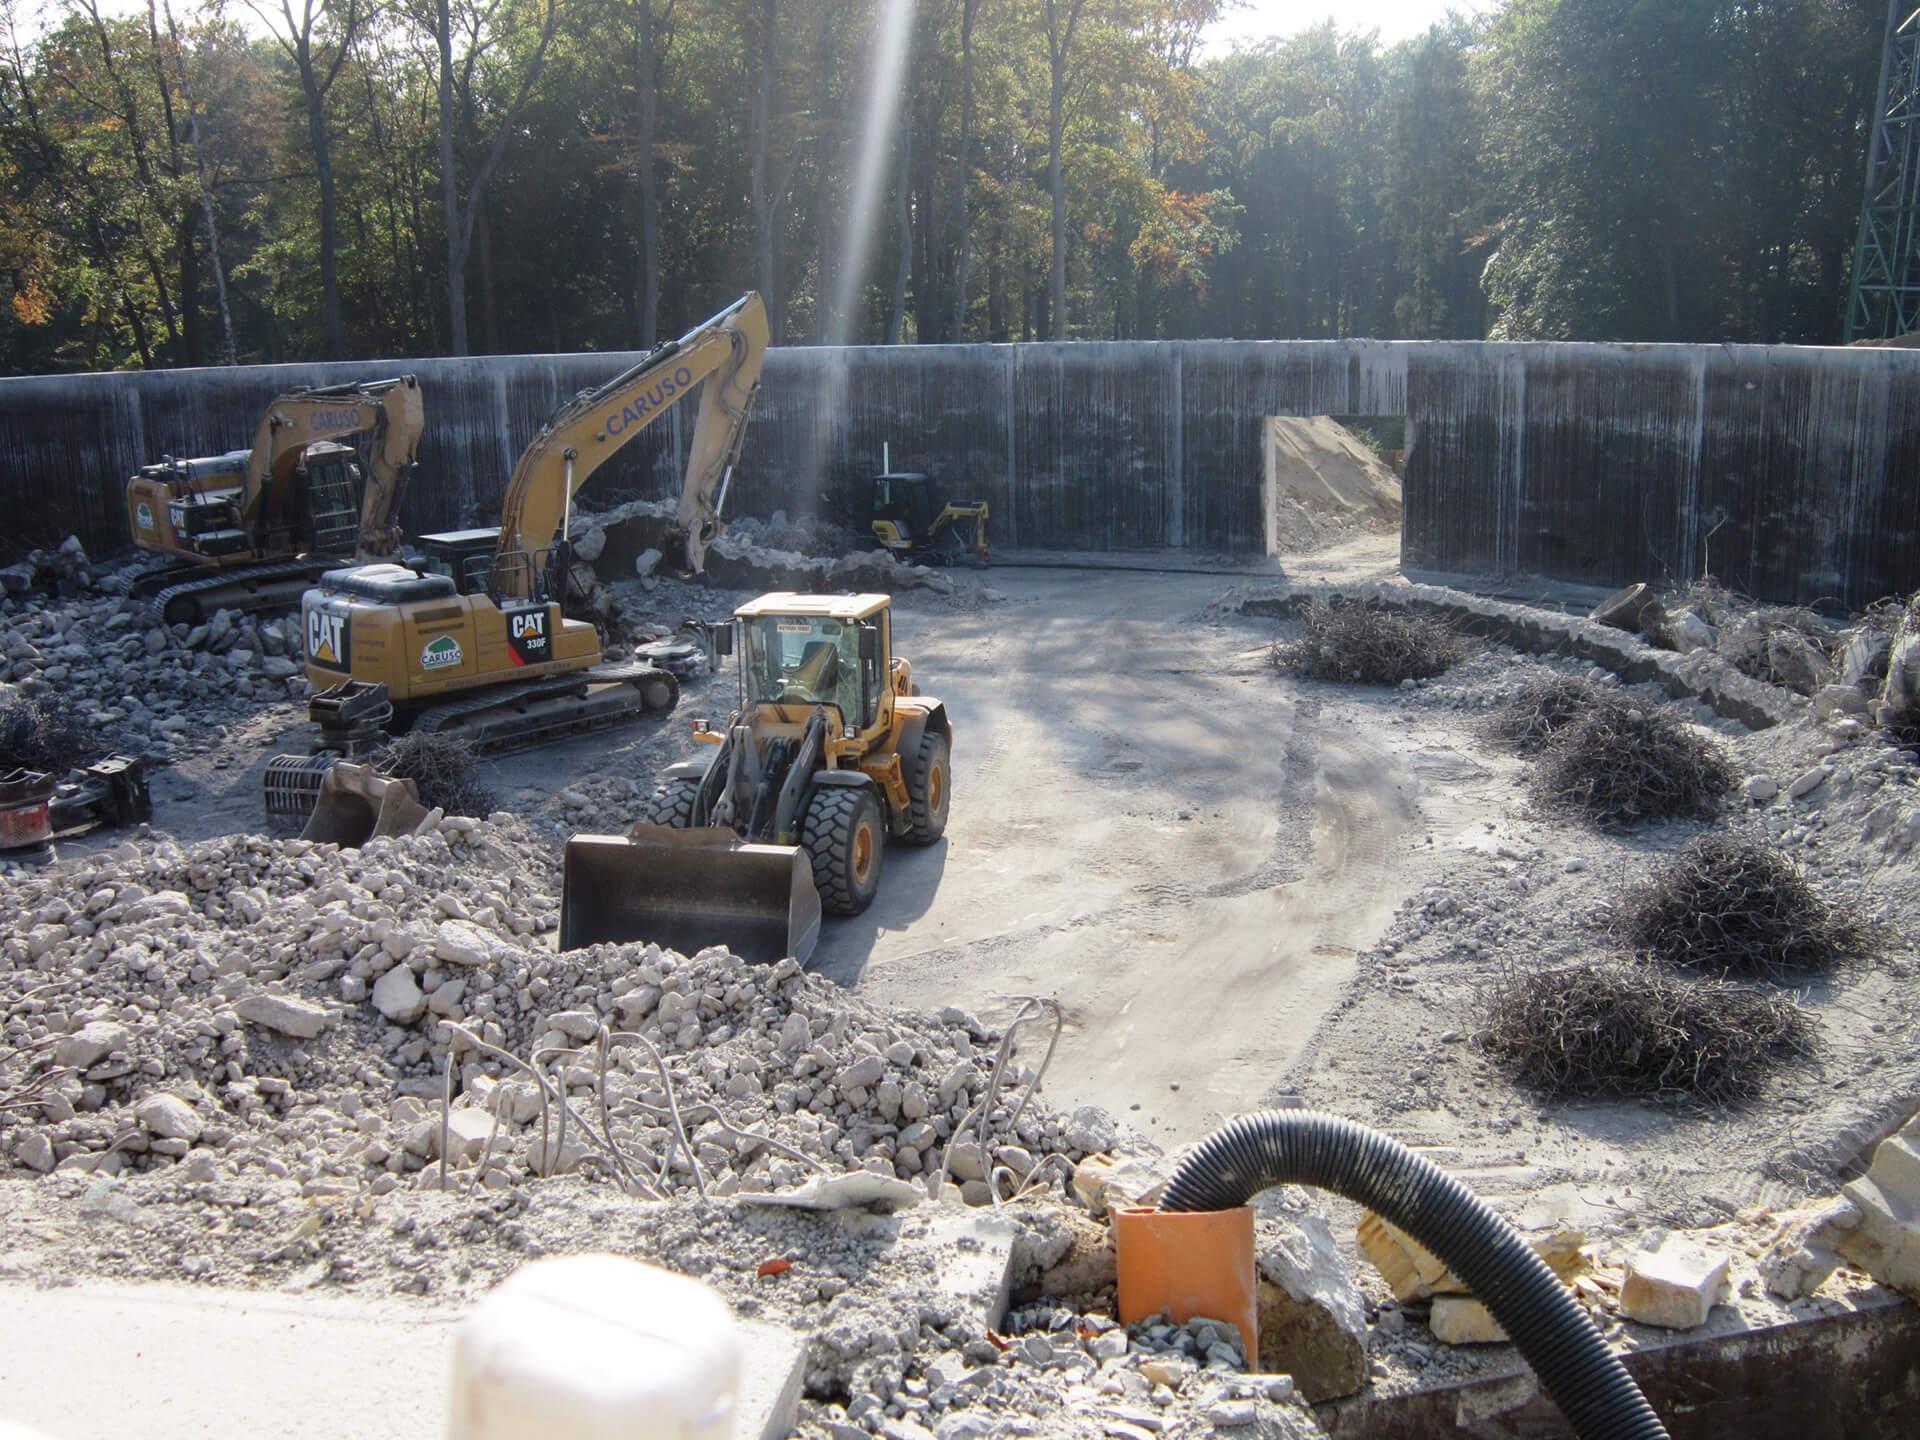 Abbrucharbeiten an der Wasserkammer 1: Zerkleinern und Trennen des Abbruchgutes, Beton und Stahl werden recycelt